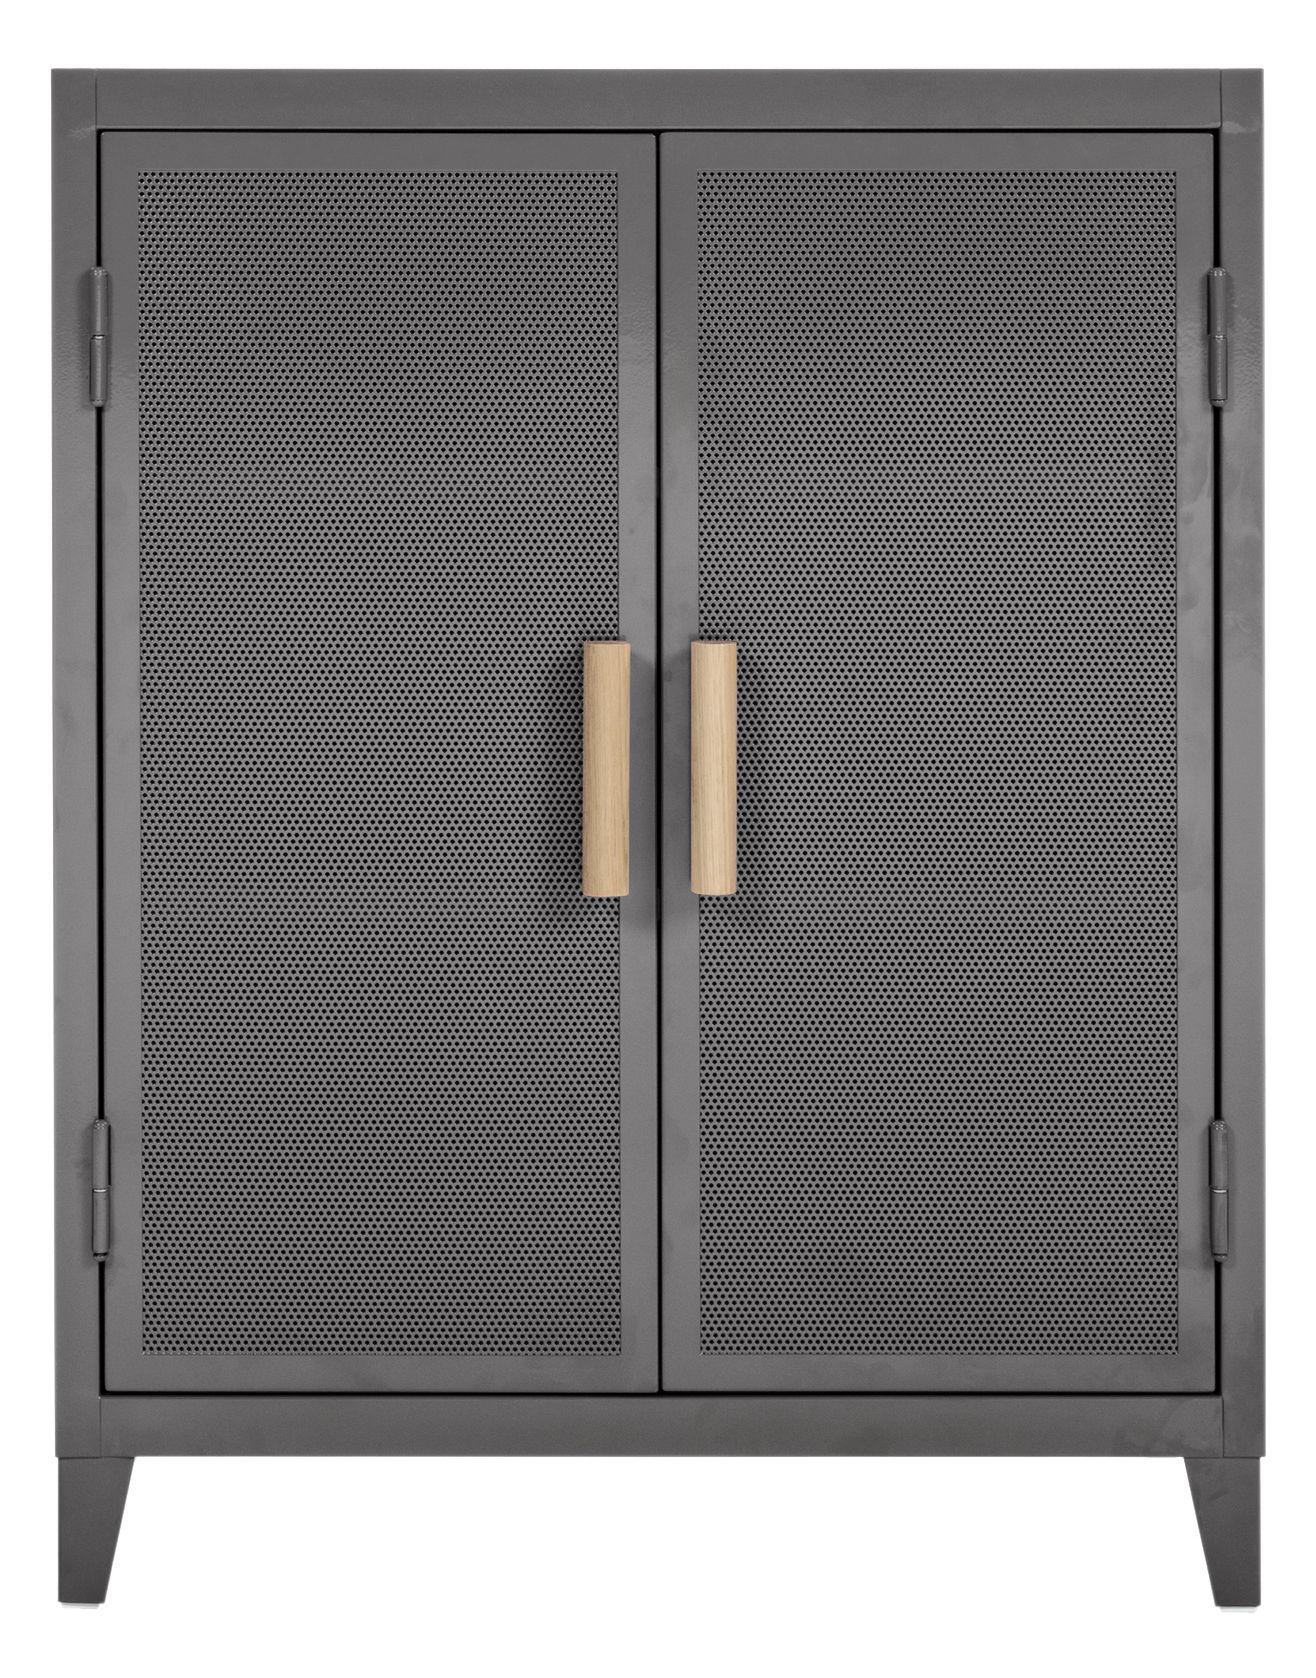 Mobilier - Meubles de rangement - Rangement Vestiaire bas Perforé / 2 portes - Tolix - Gris souris / Poignées chêne - Acier recyclé laqué, Chêne massif